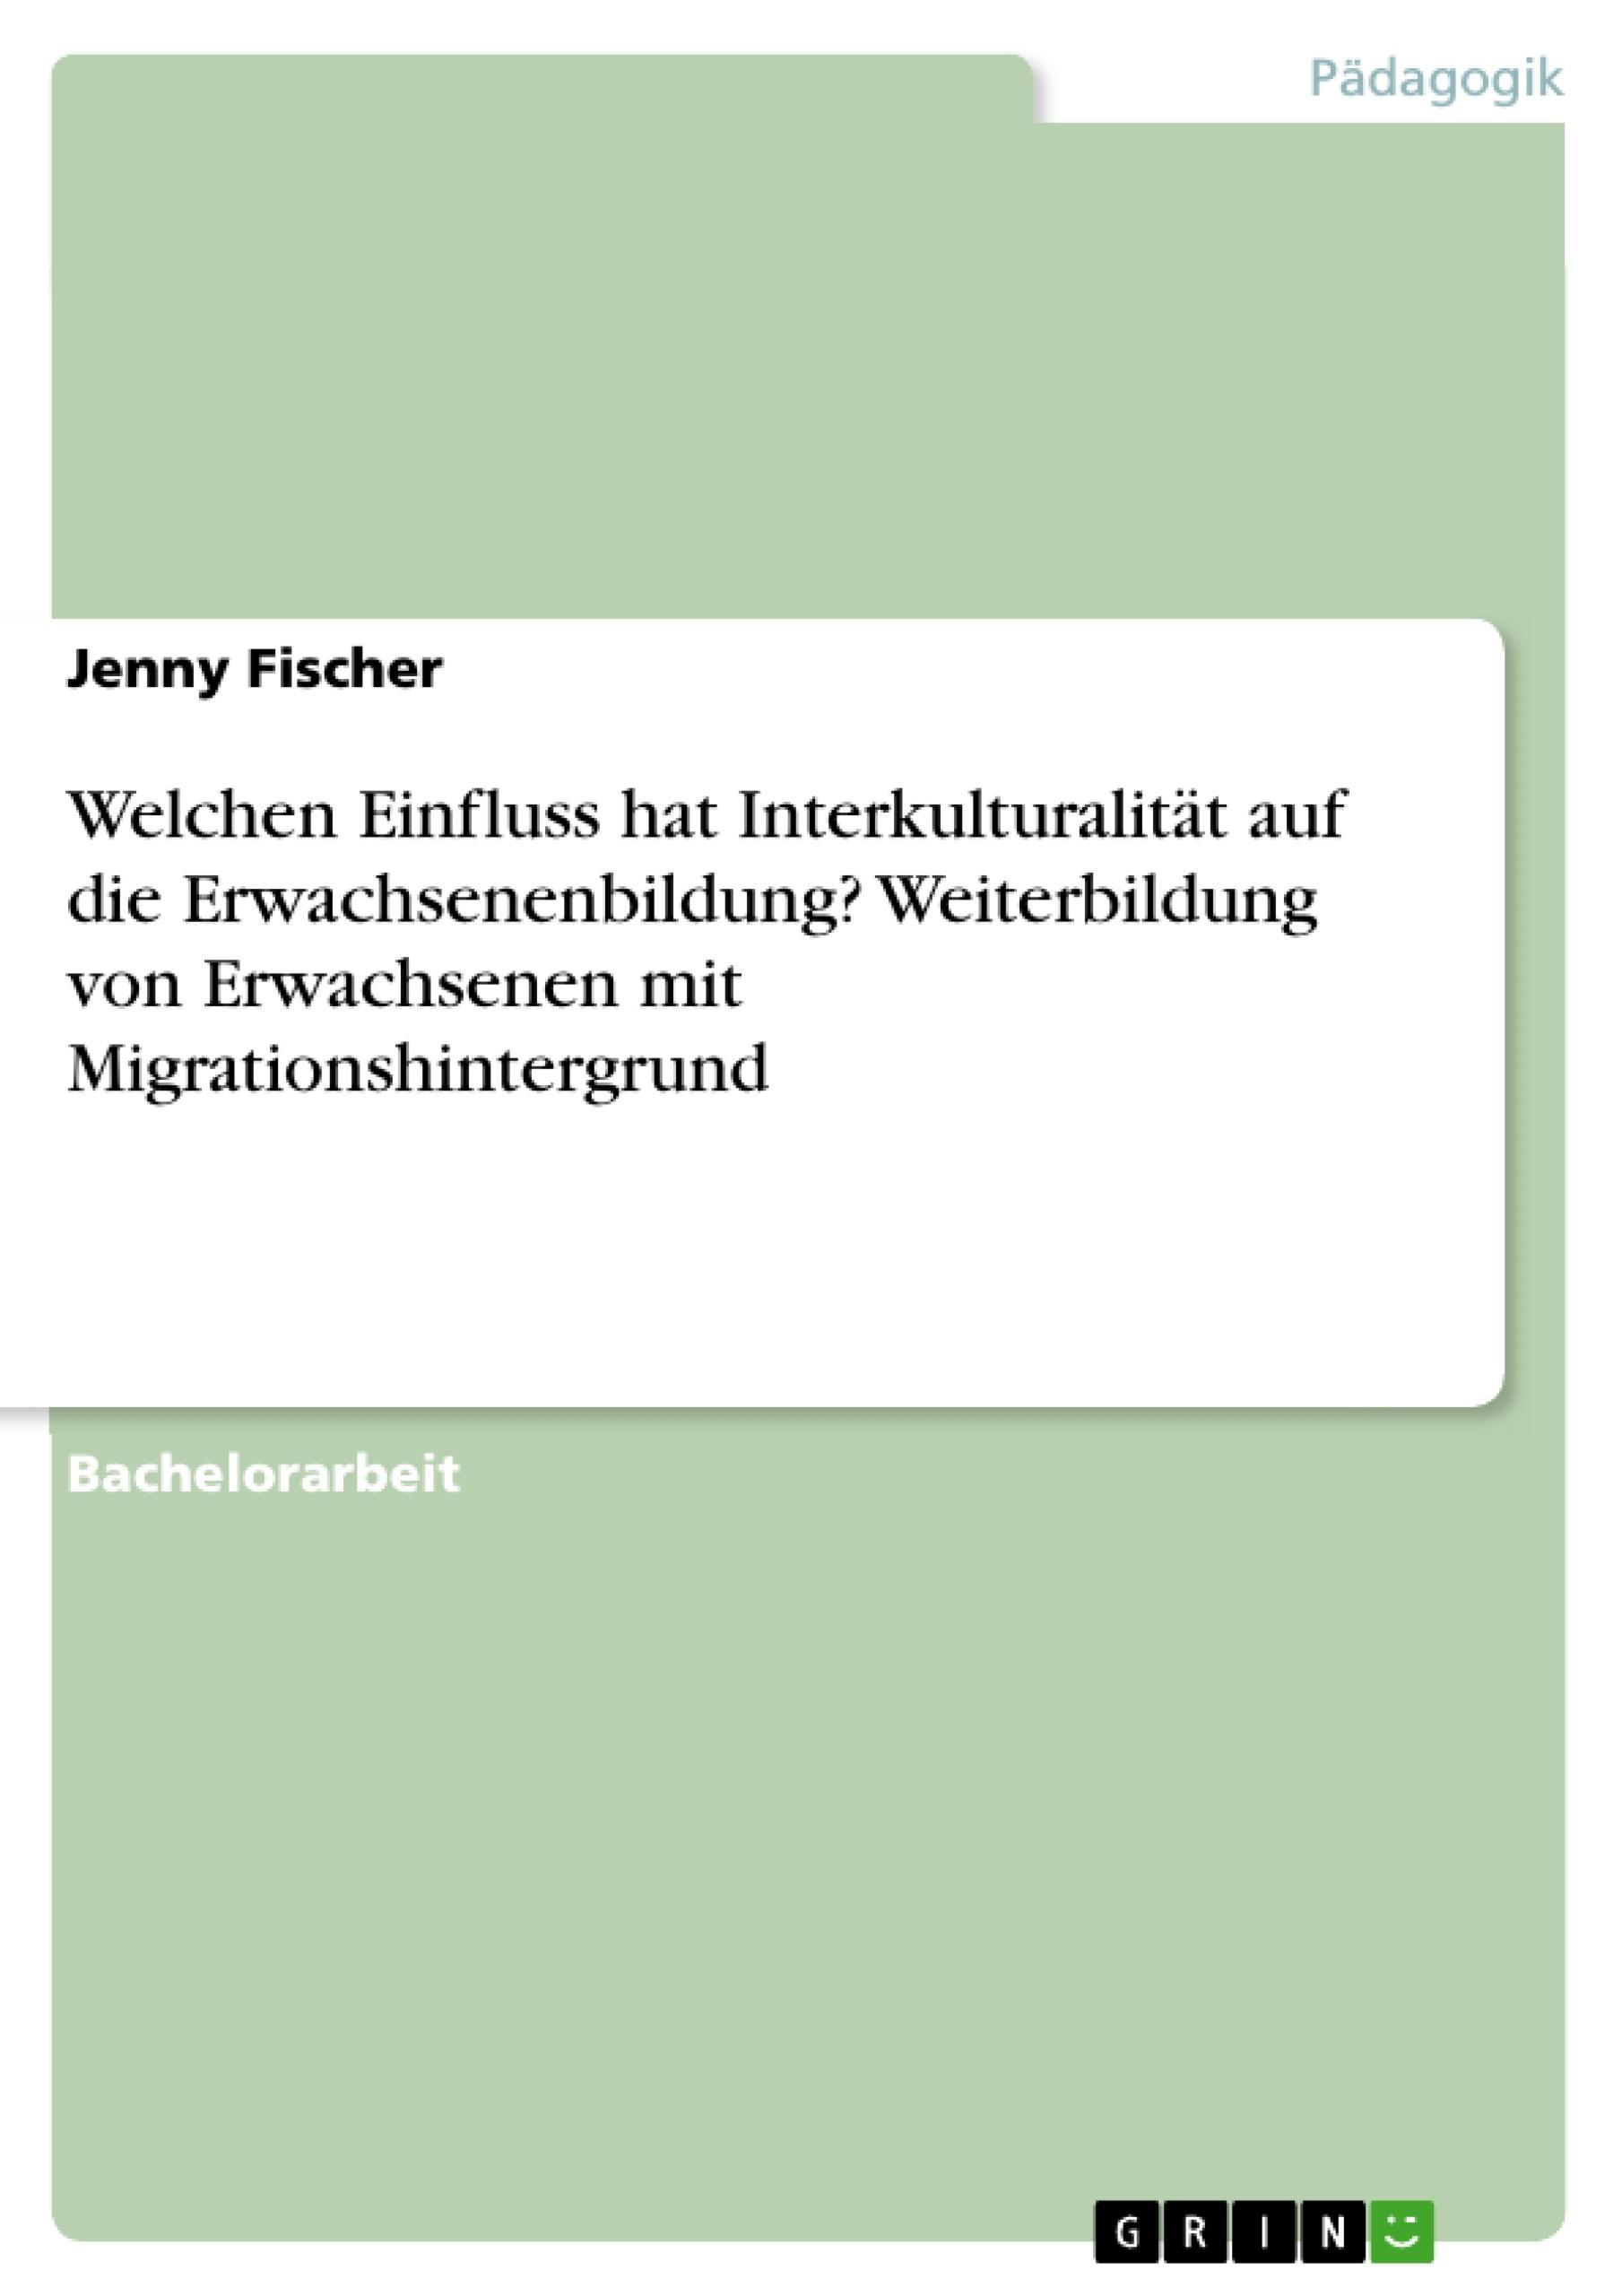 Titel: Welchen Einfluss hat Interkulturalität auf die Erwachsenenbildung? Weiterbildung von Erwachsenen mit Migrationshintergrund